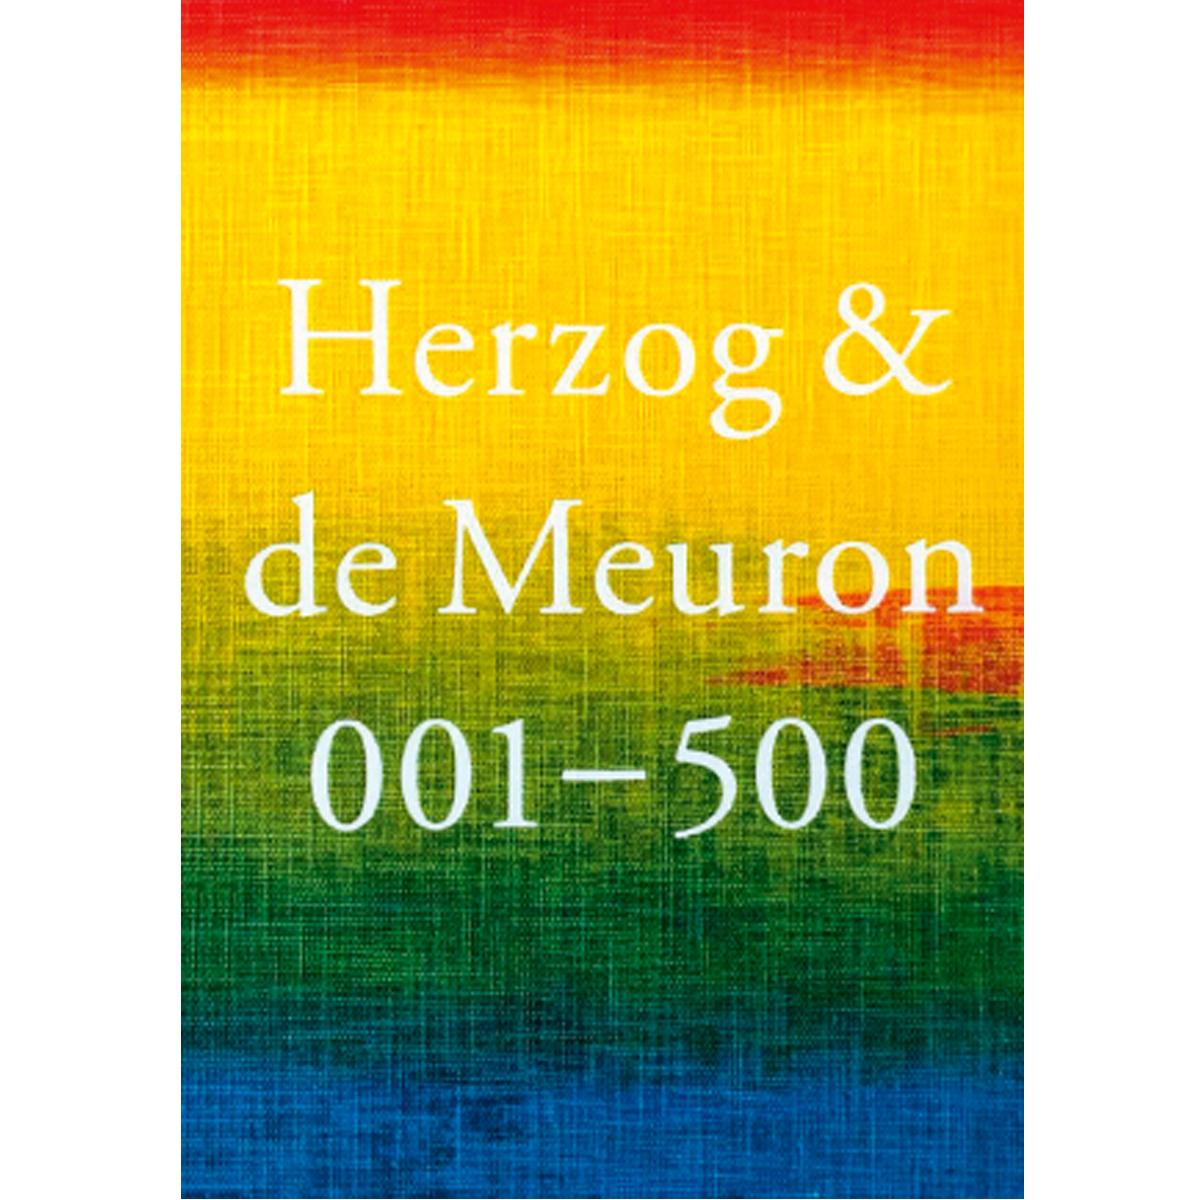 Herzog & de Meuron, 001-500